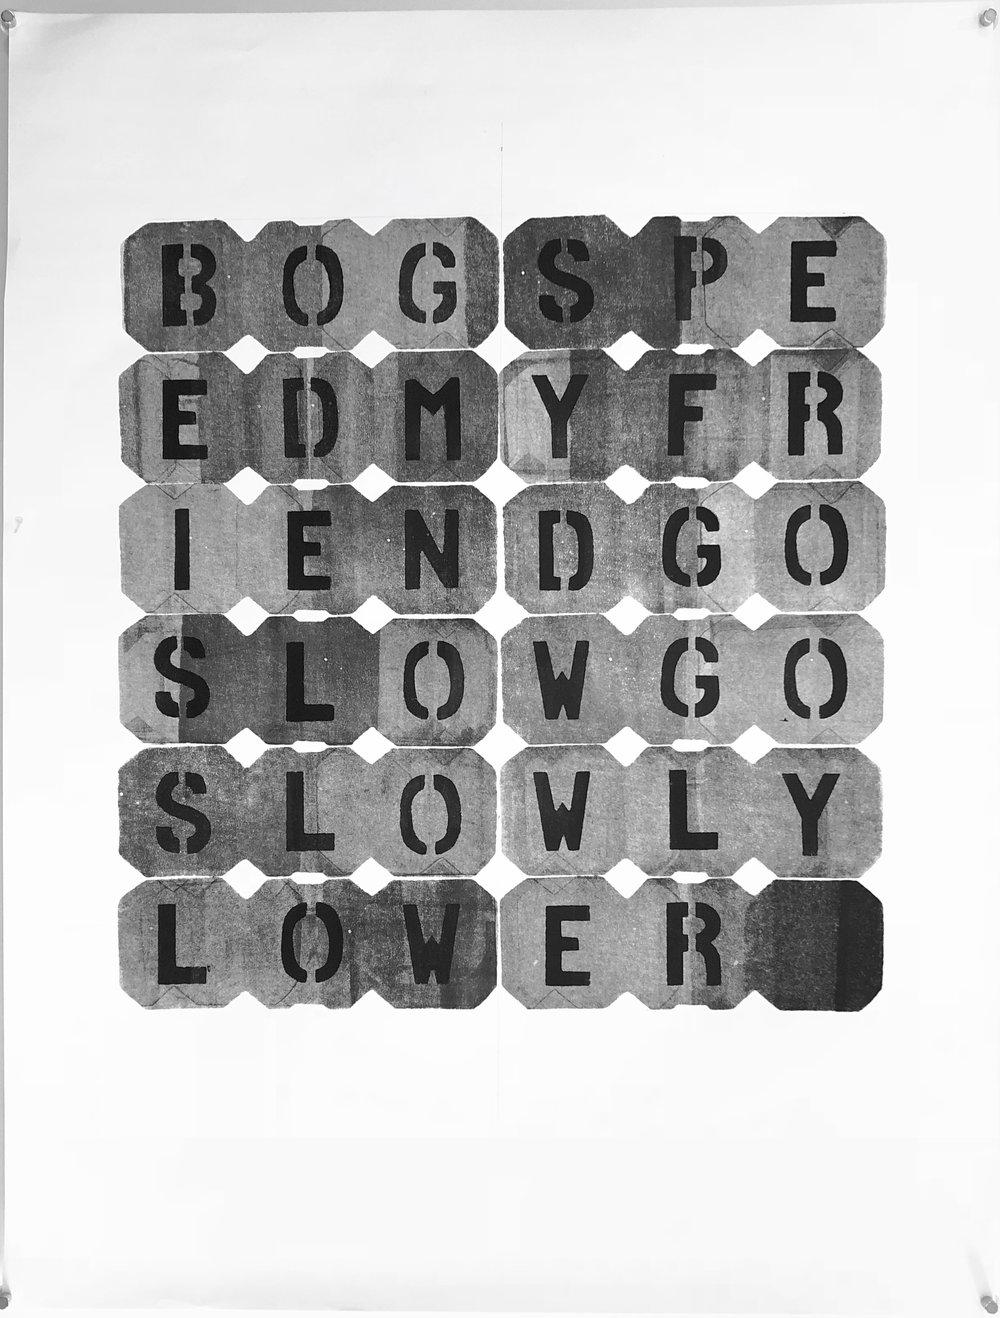 """BOGSPE - 2018, acrylic on paper, hand-cut stencil. 25"""" x 19"""""""